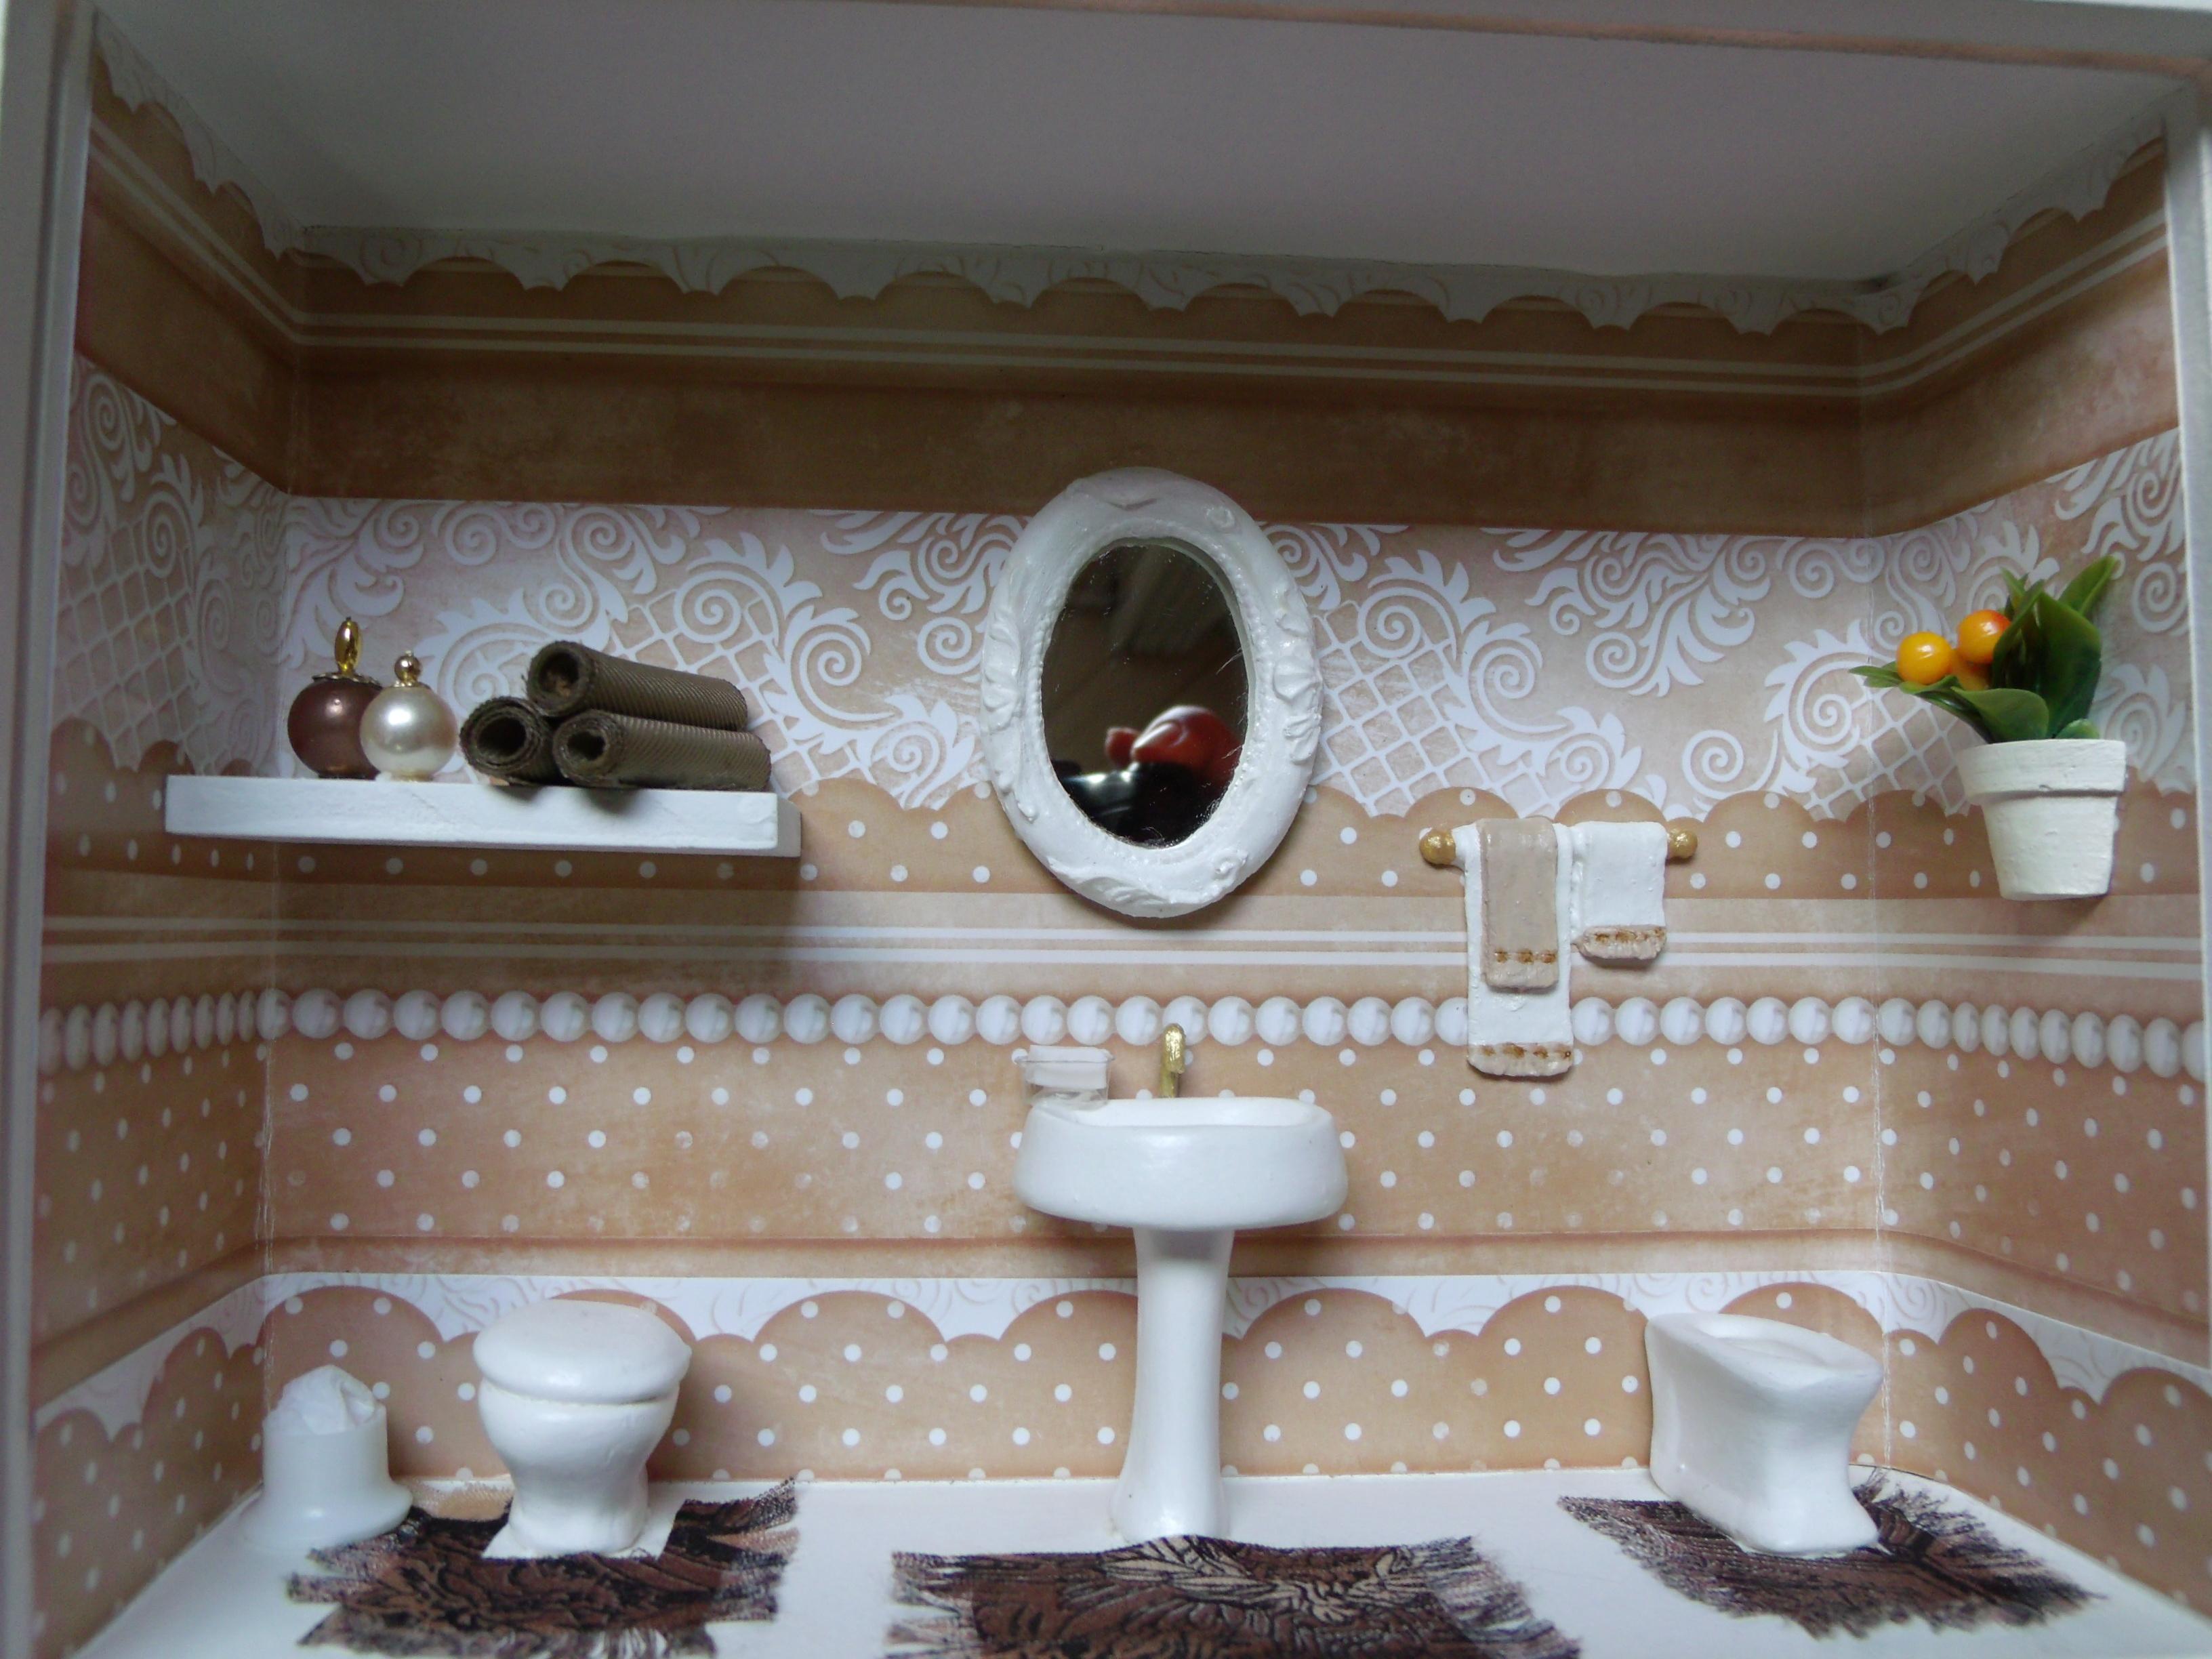 Nicho de banheiro nº 7  Dyara Decorações  Elo7 -> Nichos Mdf Banheiro